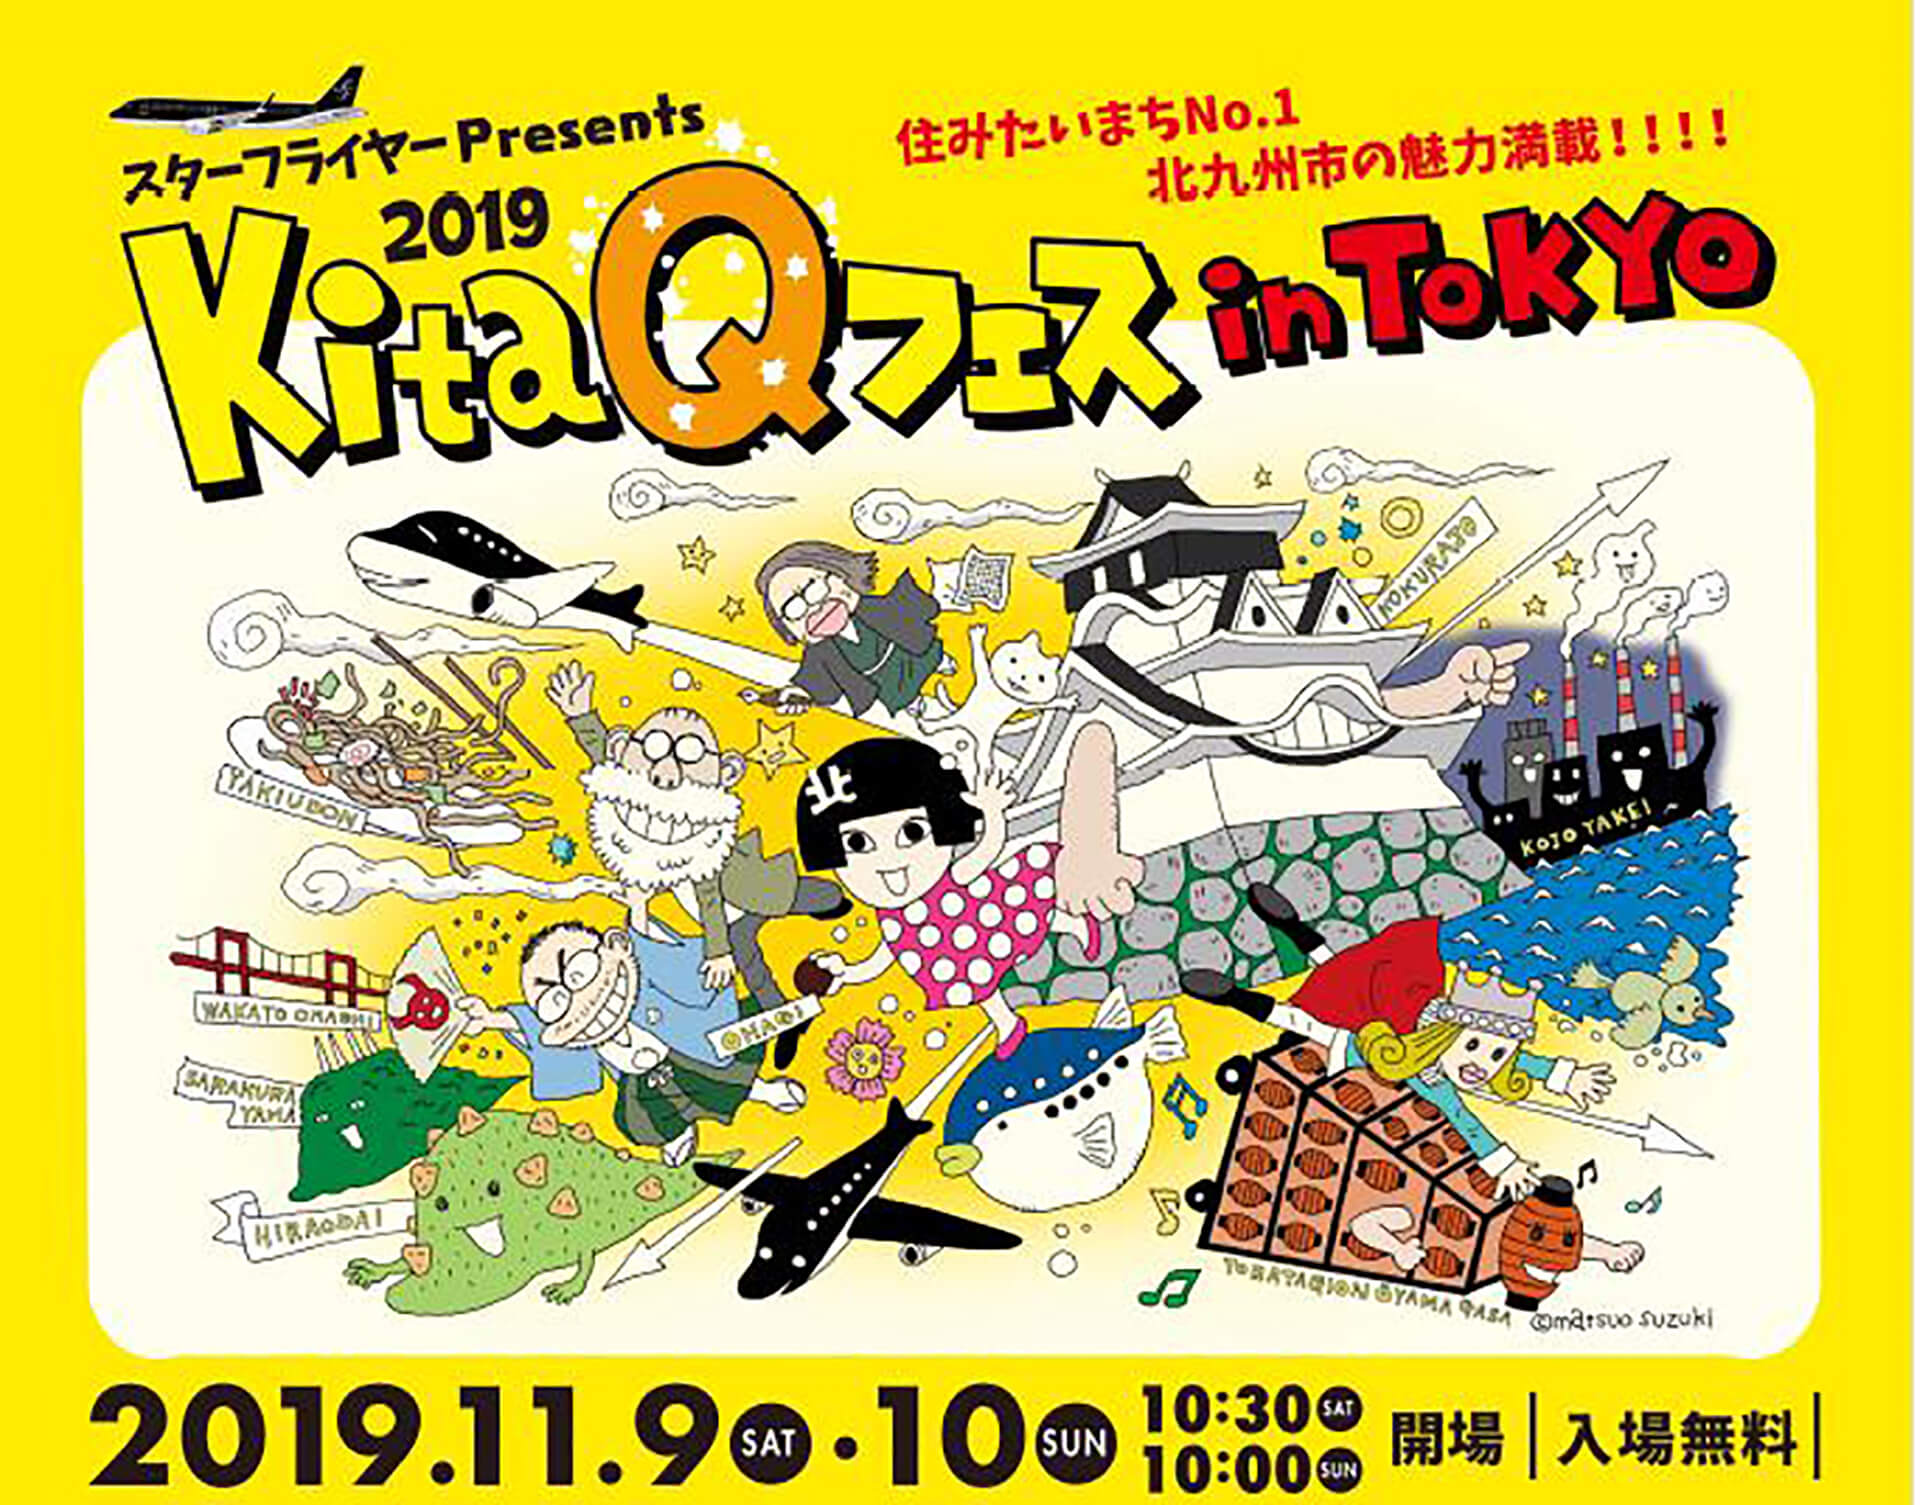 KitaQフェス in TOKYO 2019バナー